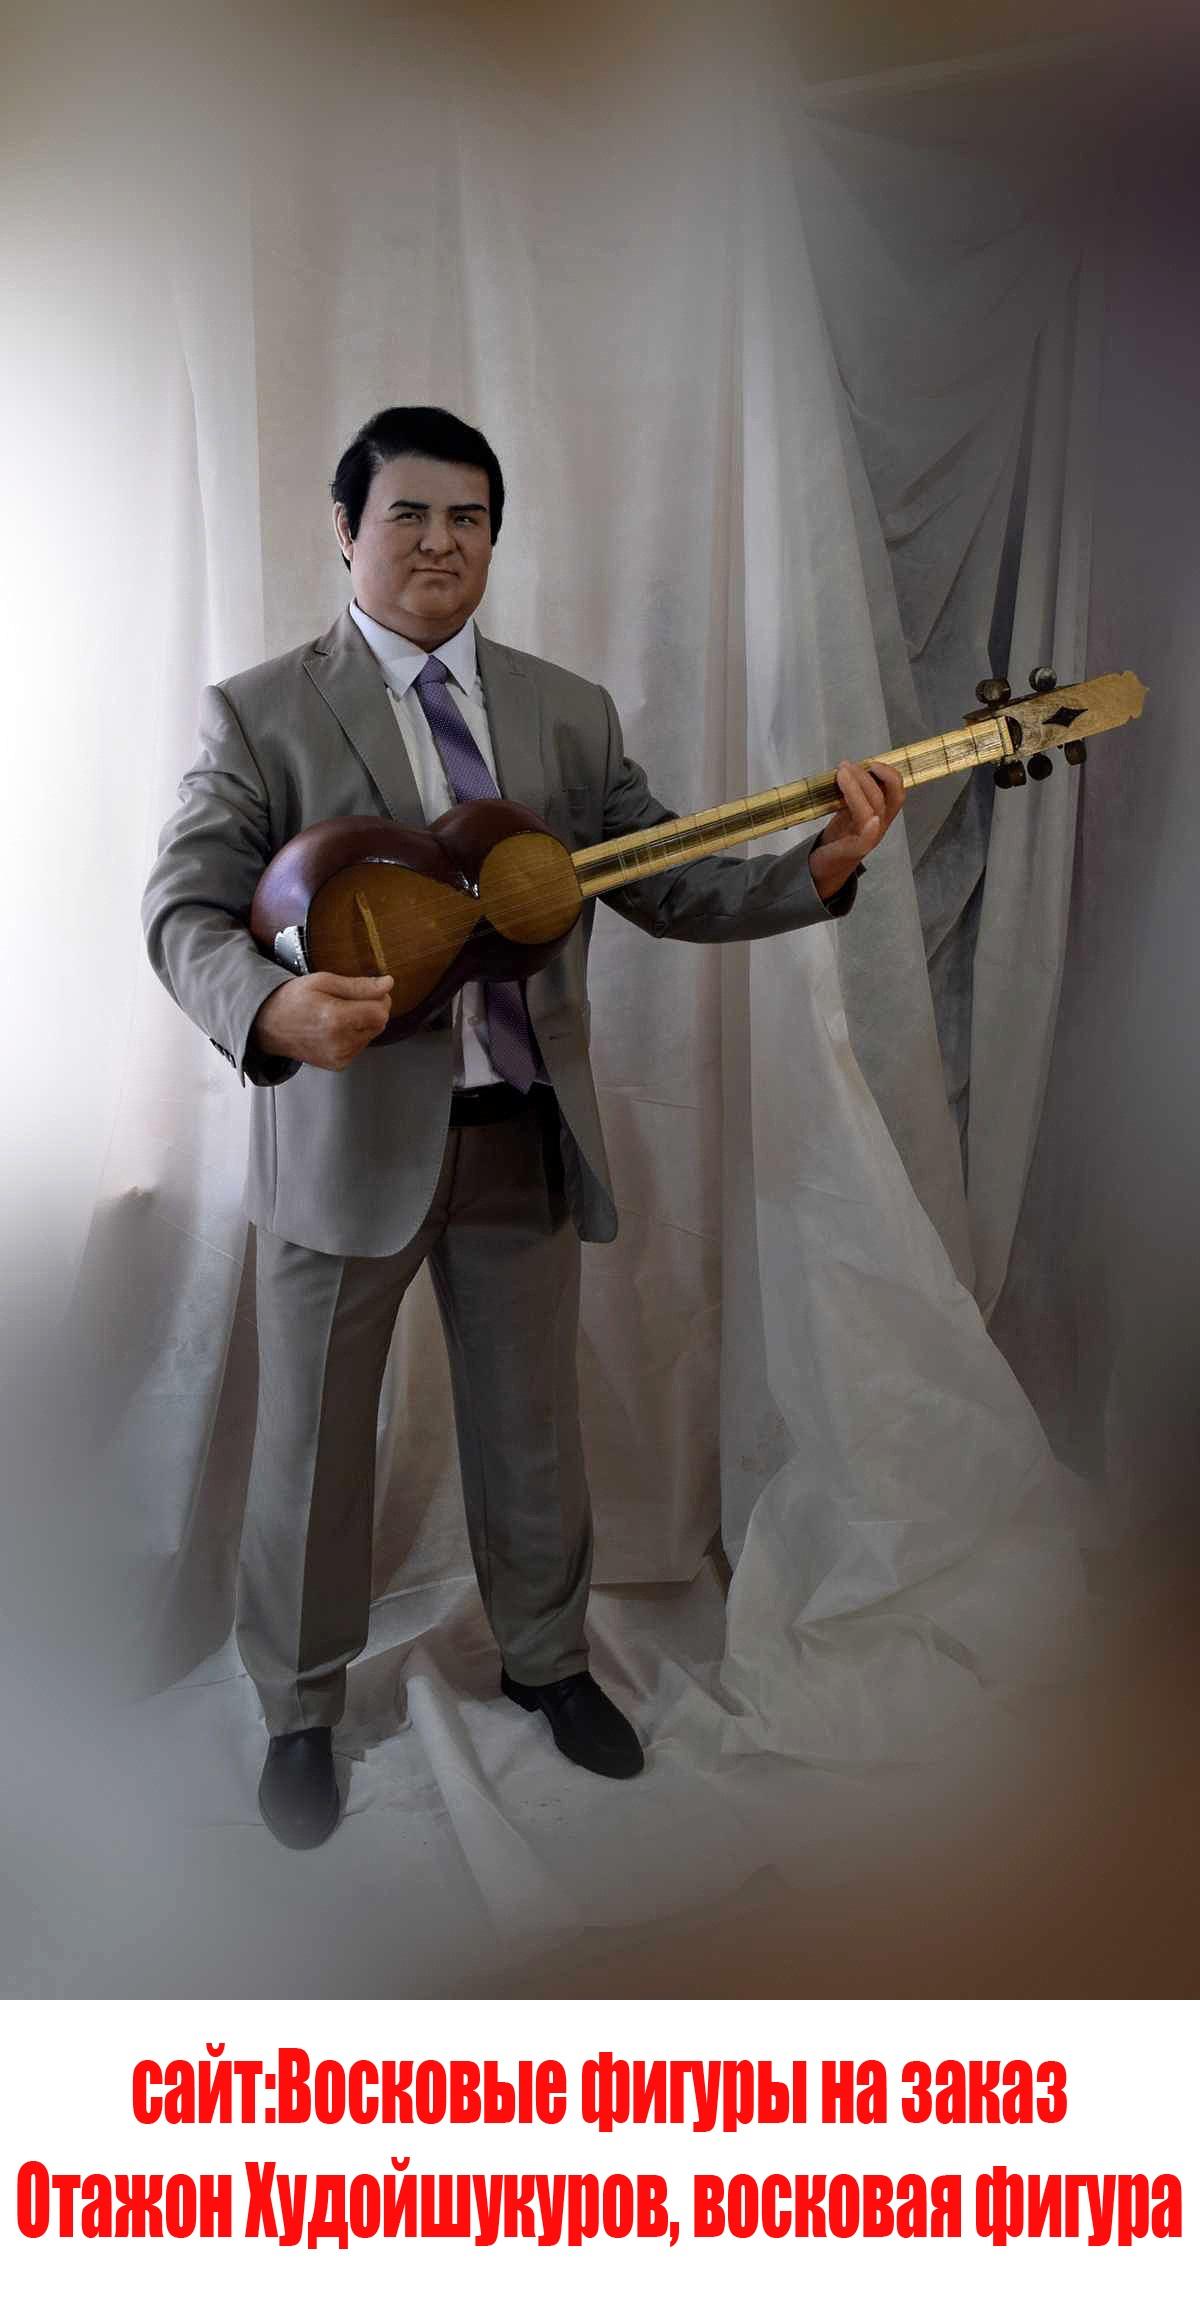 Отажон Худойшукуров, восковая фигура